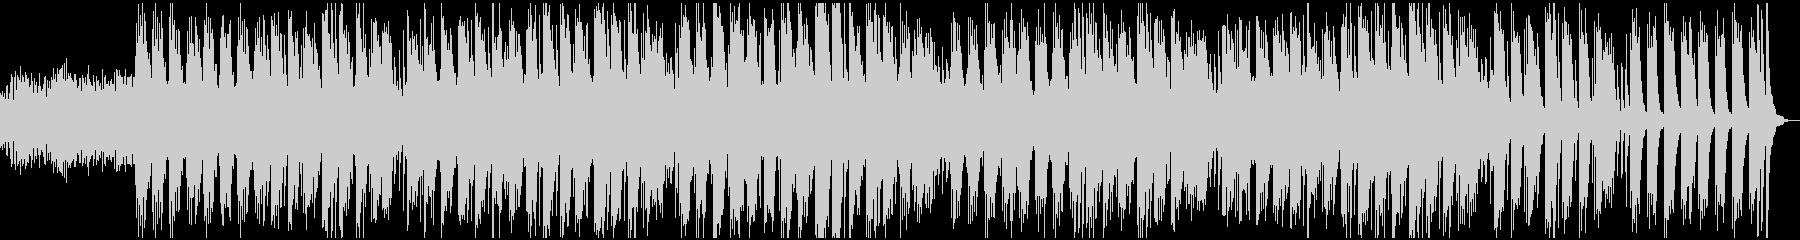 ヒーリング系 癒しのピアノサウンドの未再生の波形